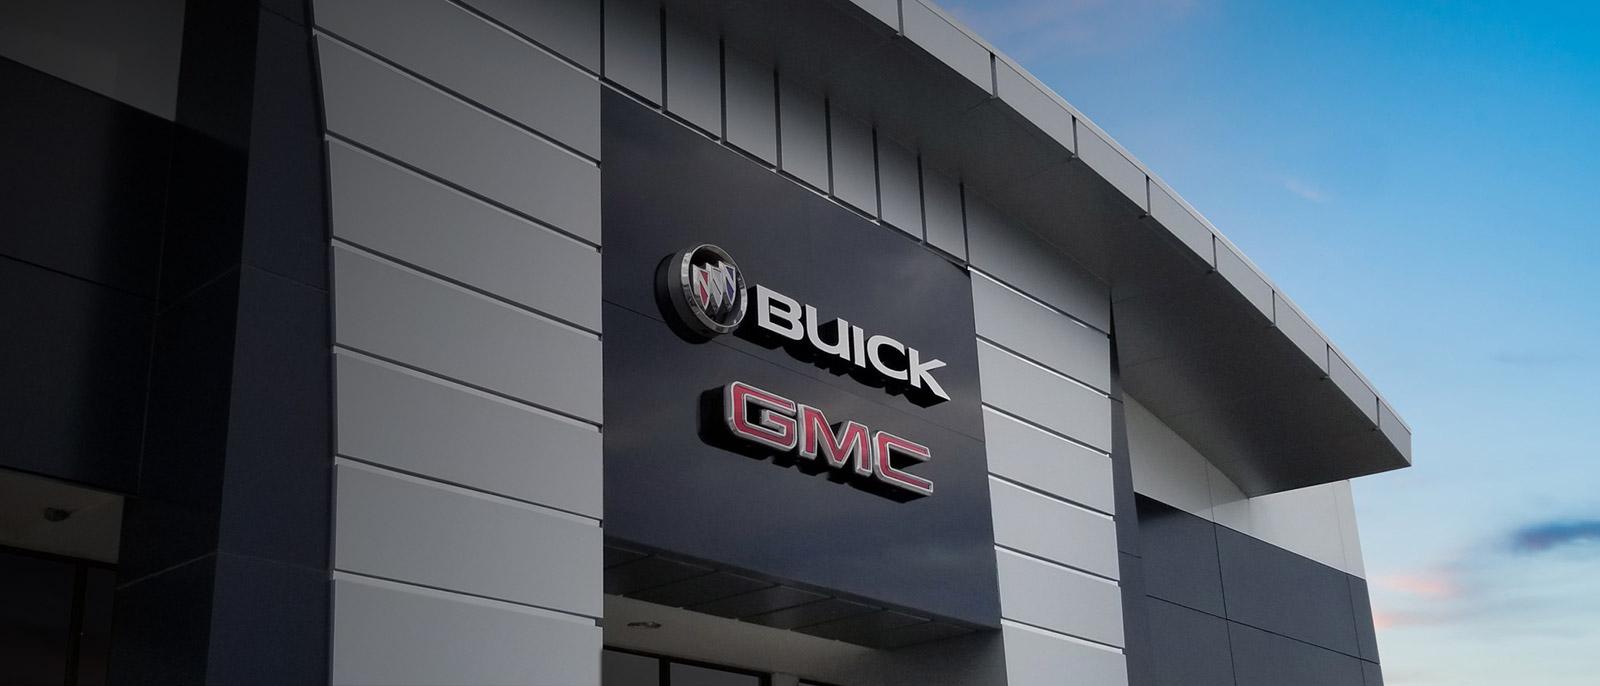 Buick GMC Dealership Exterior Shot